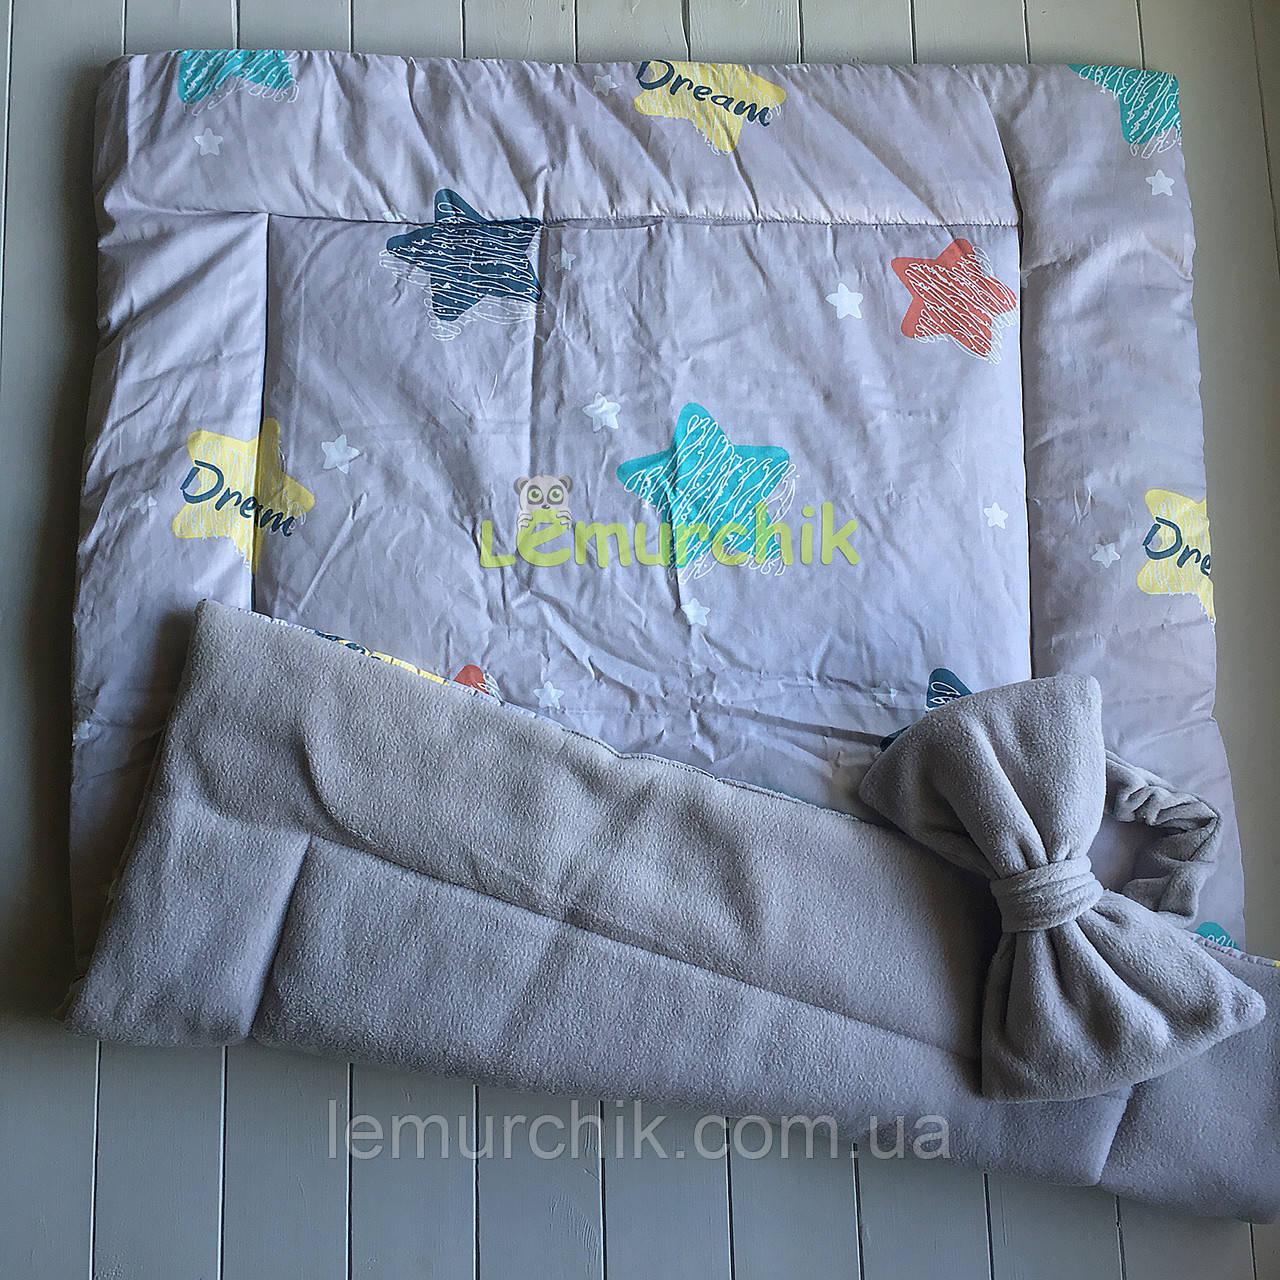 Флісовий плед-конверт з декоративним бантиком 100х80 см, сірий